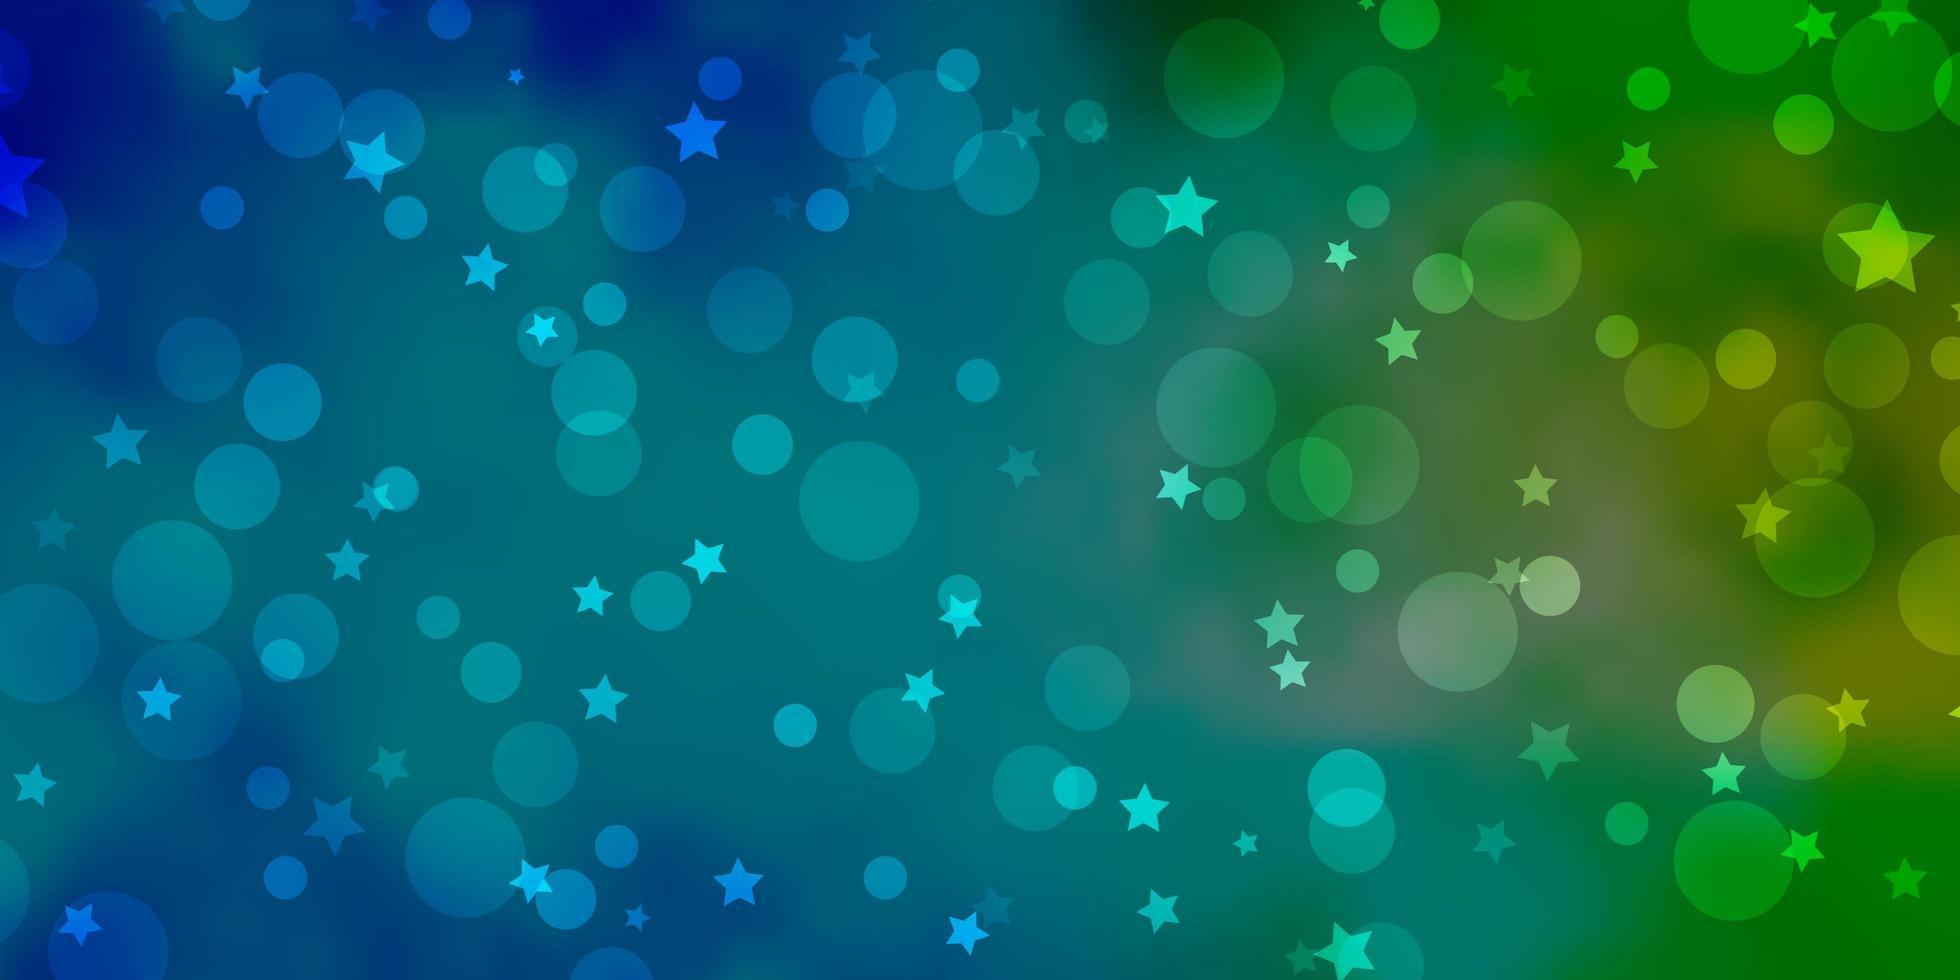 trama blu e verde con cerchi, stelle. vettore